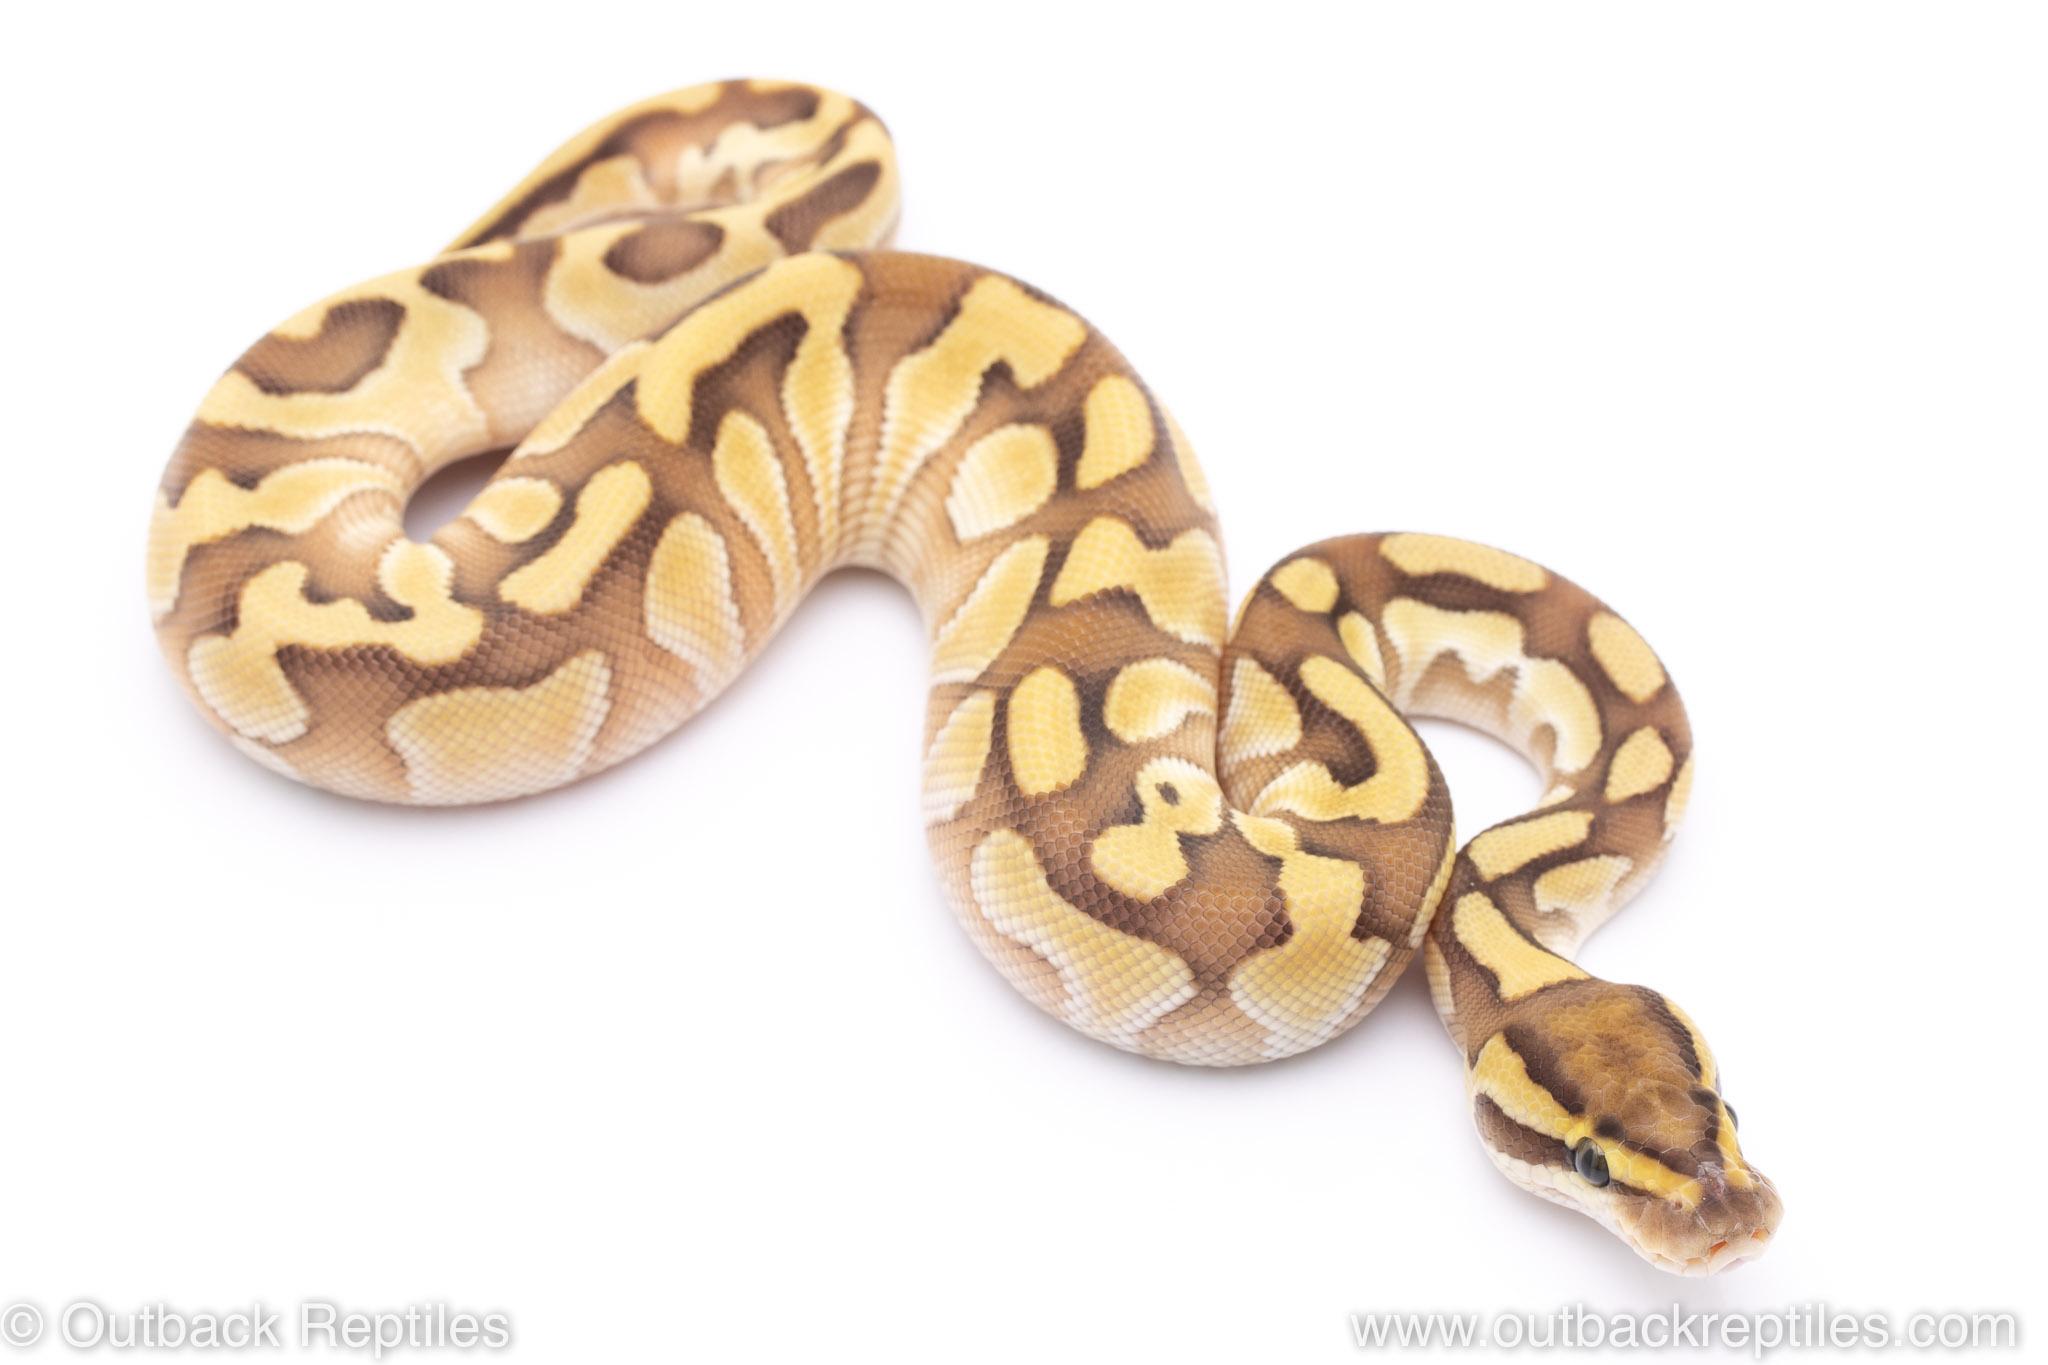 Enchi lesser het Clown ball python for sale